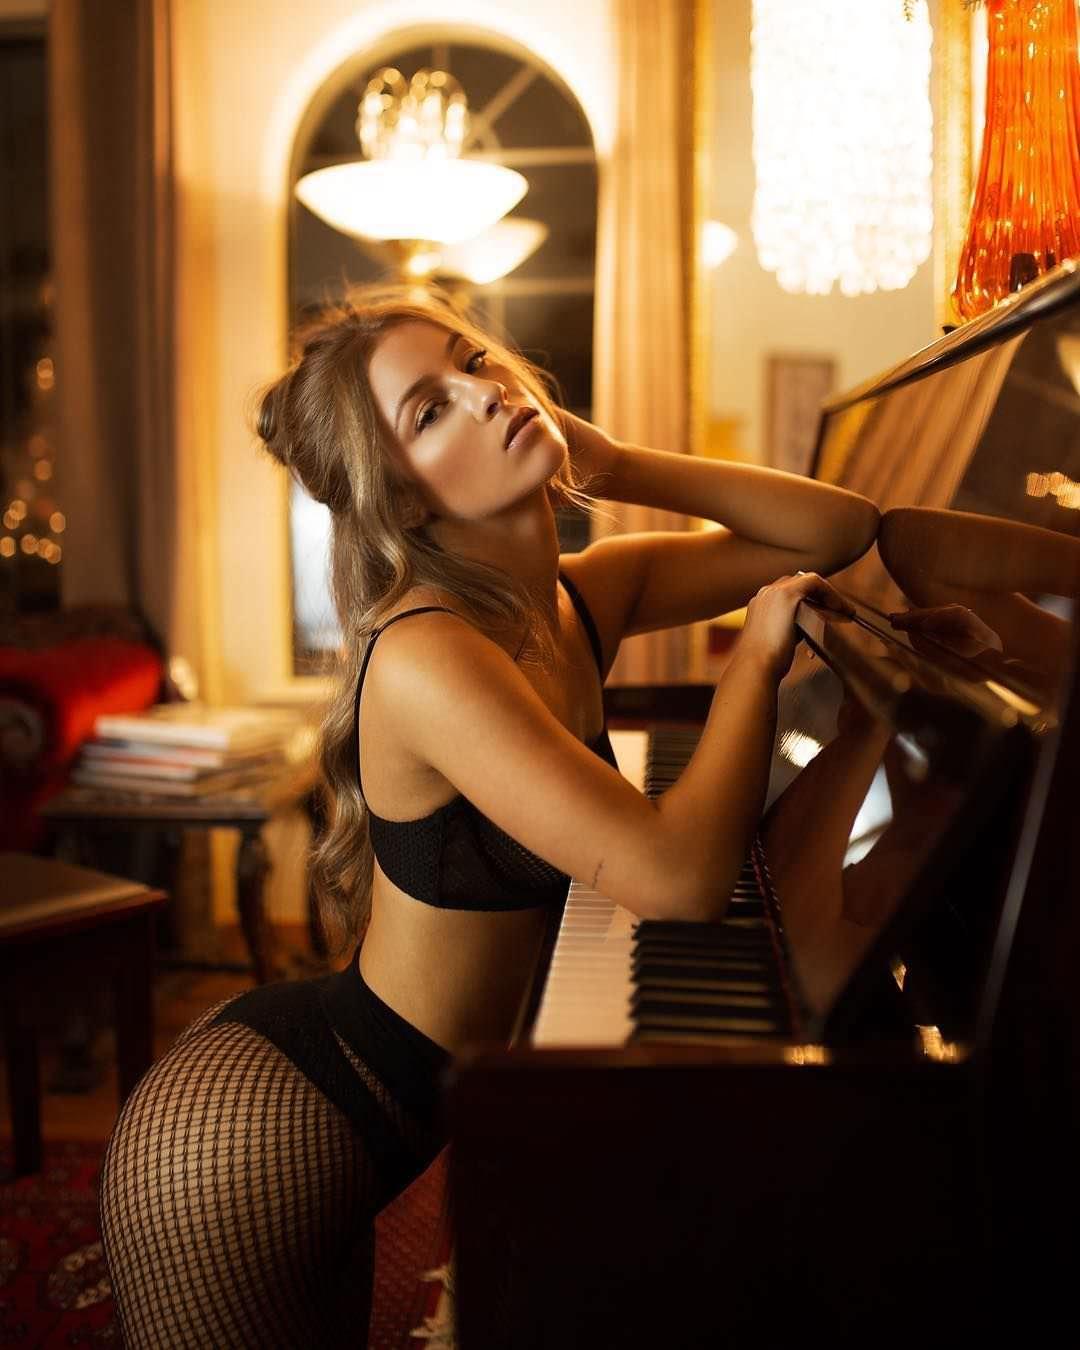 Дейзи Кич фото с роялем